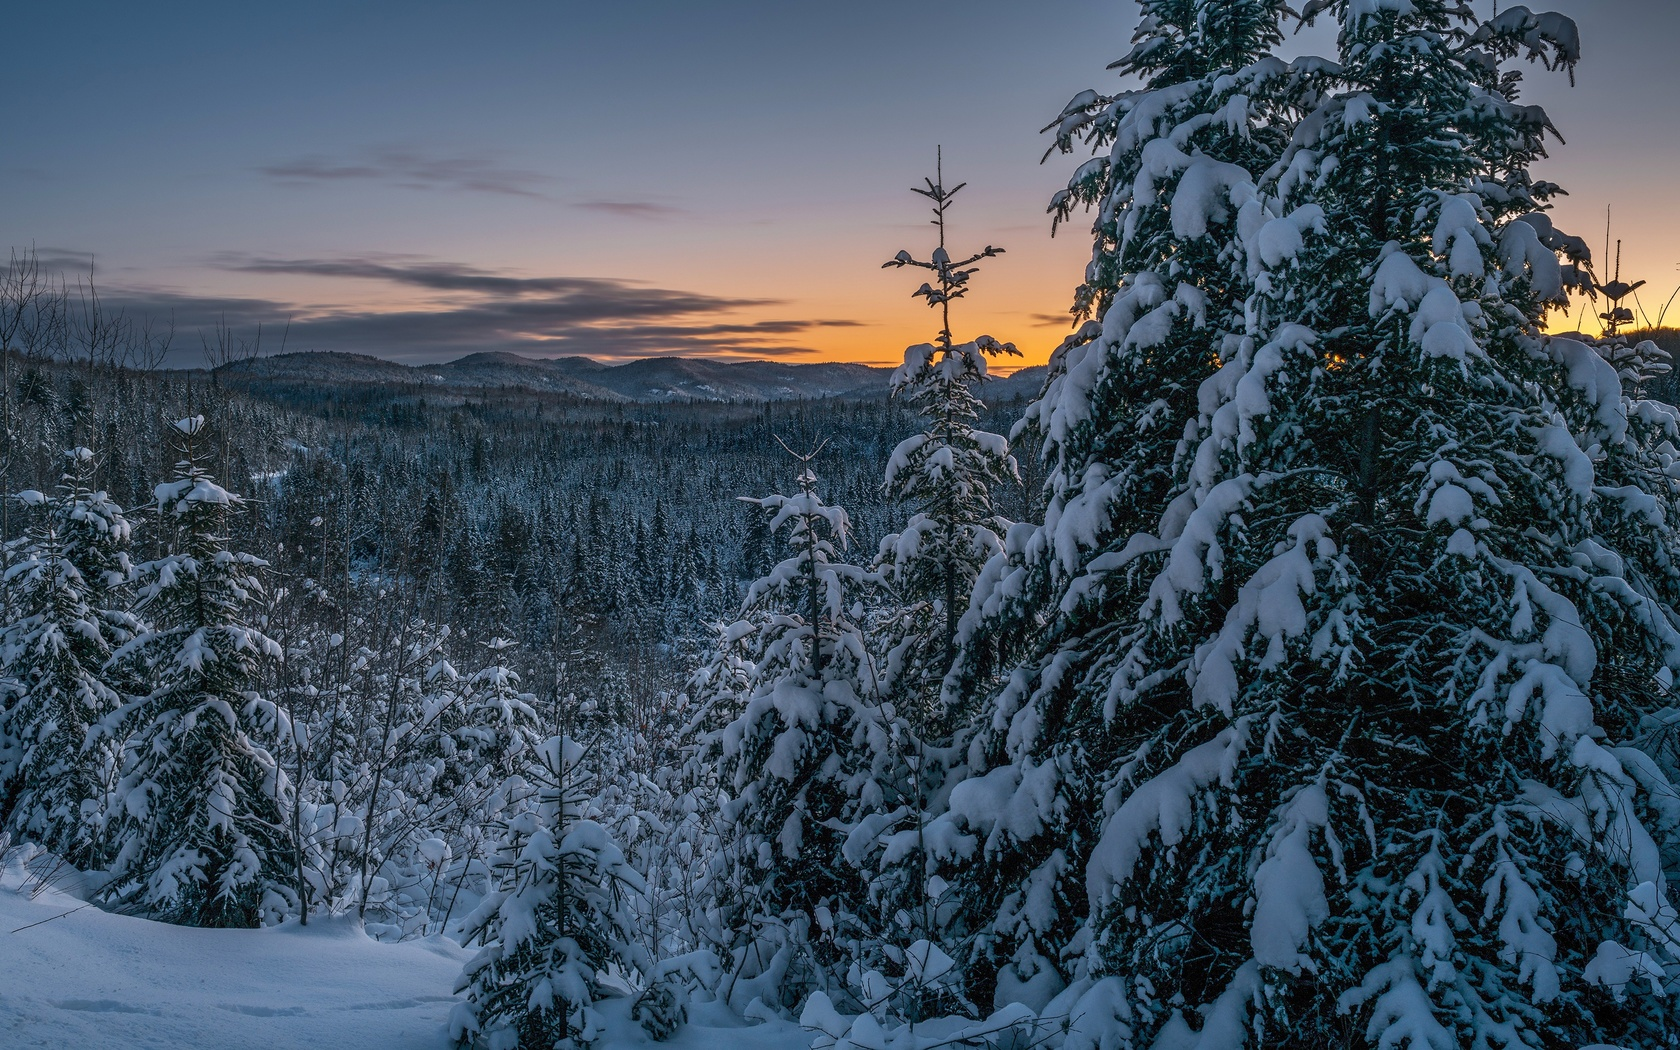 зима, лес, снег, пейзаж, природа, ели, закат